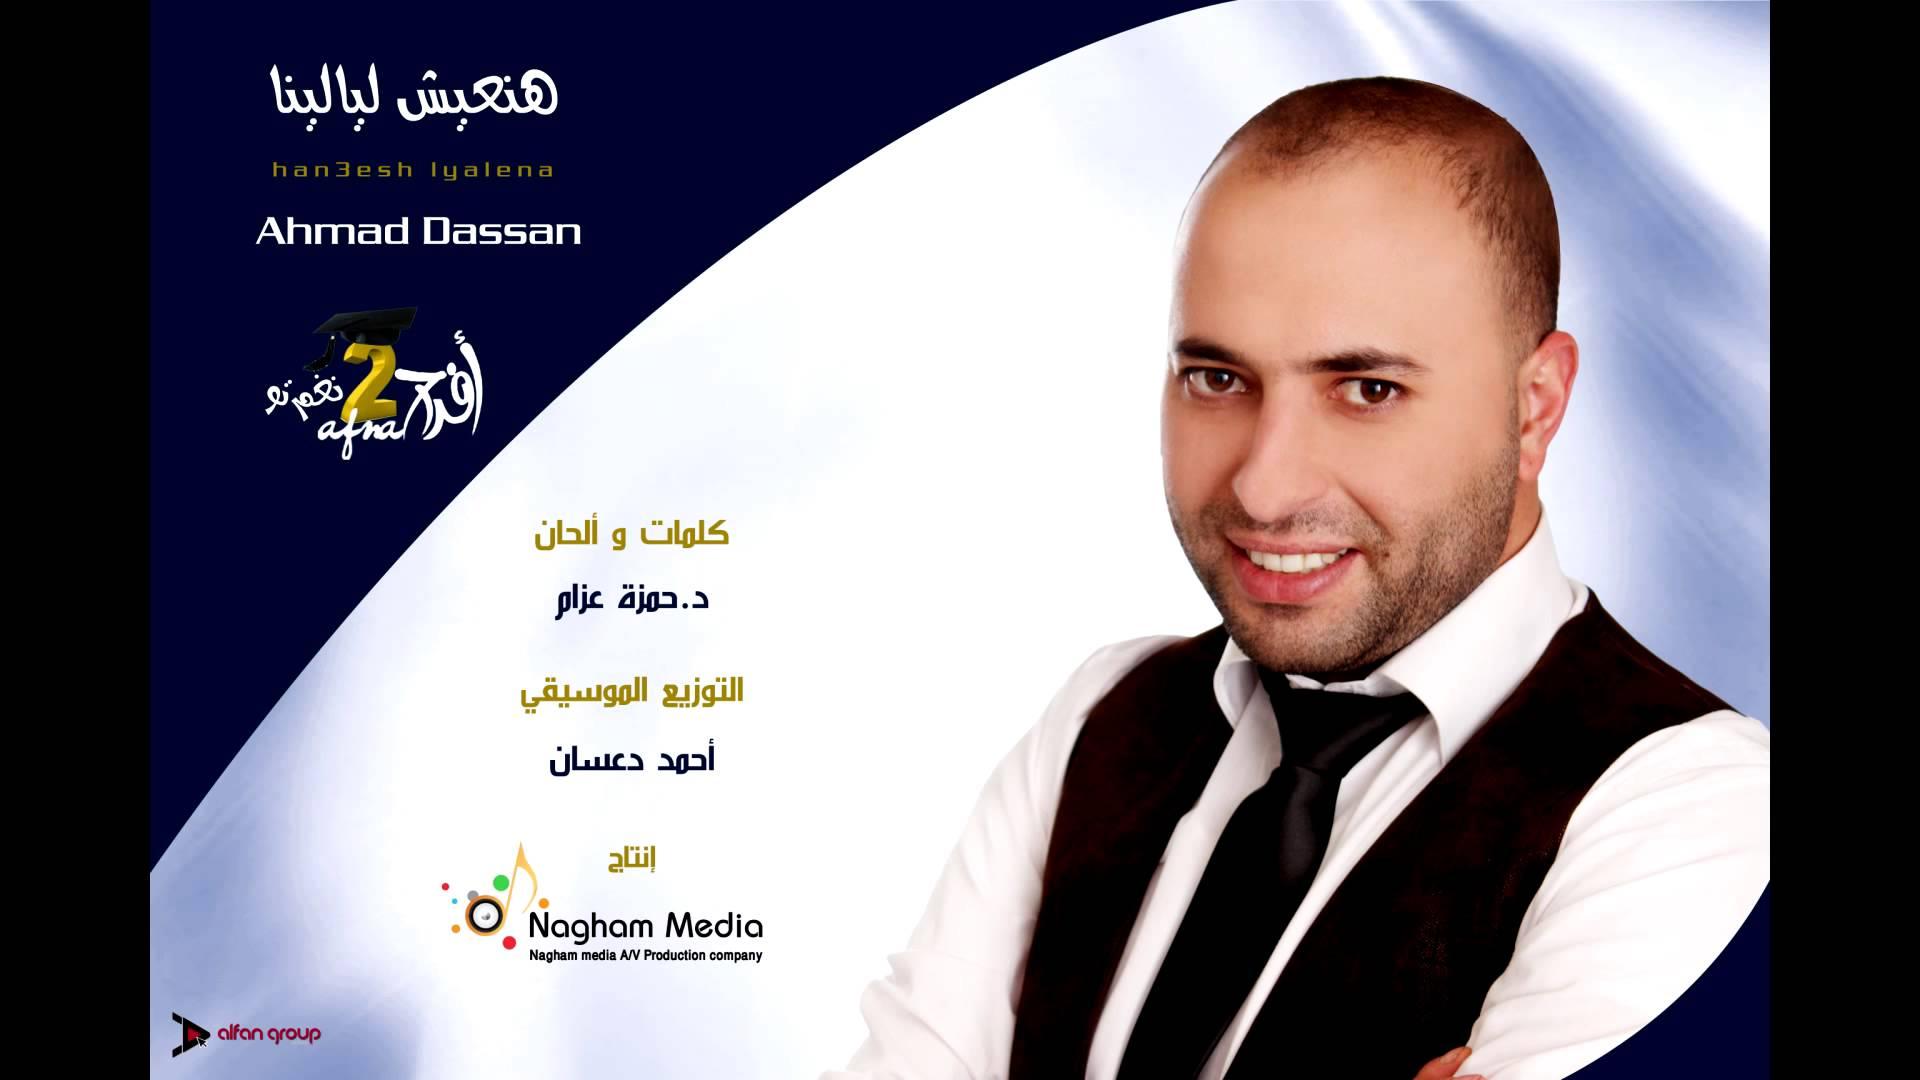 صوره هنعيش ليالينا احمد دعسان